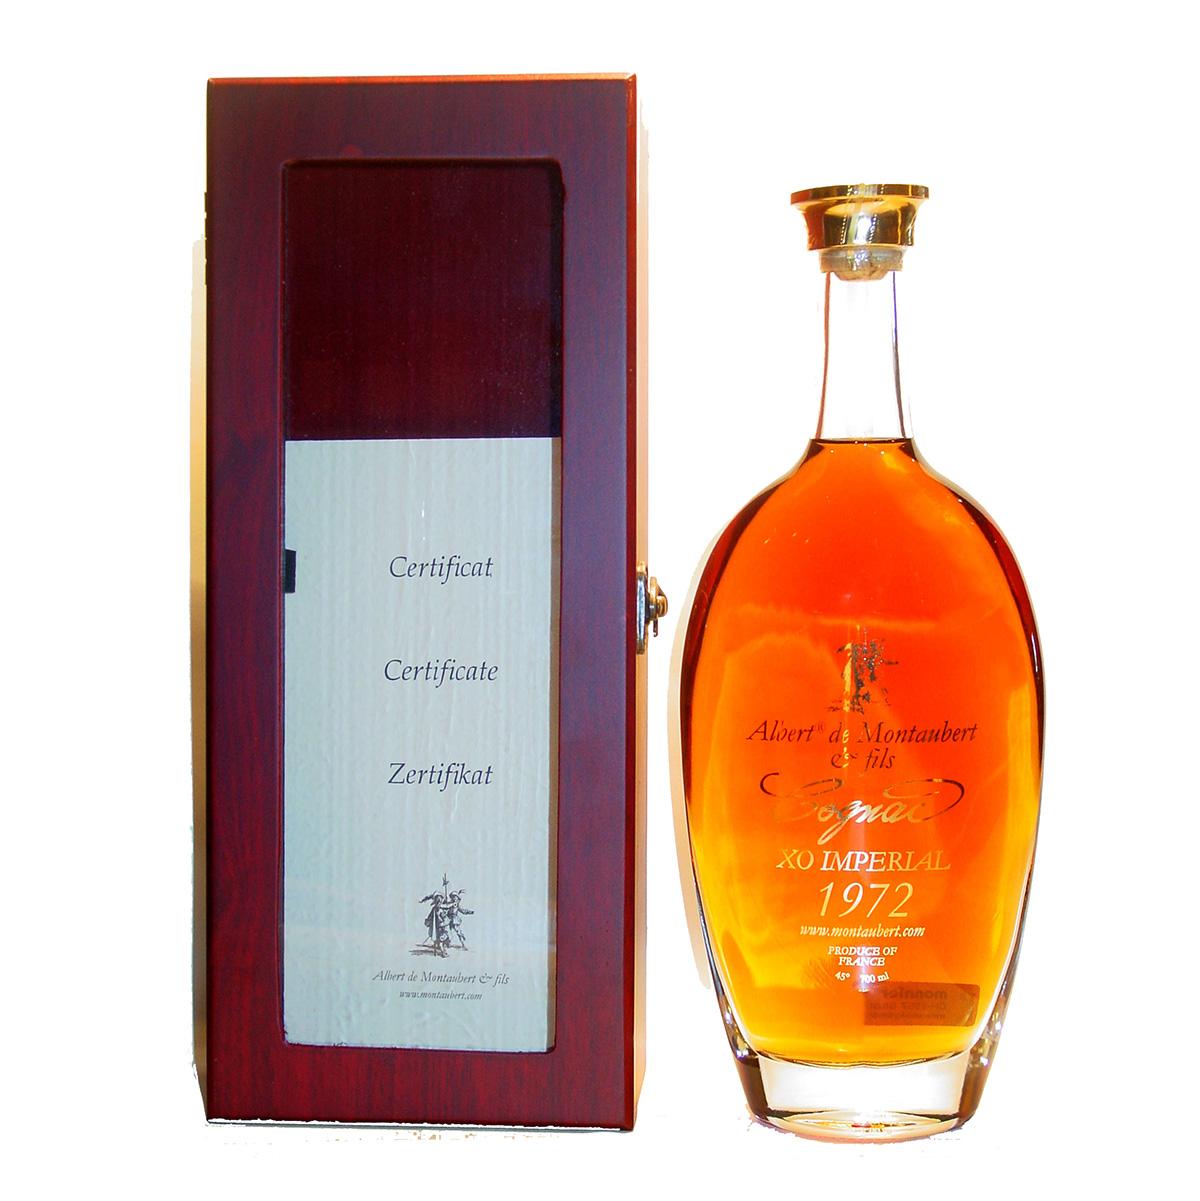 Albert de Montaubert XO impérial 1972 Cognac